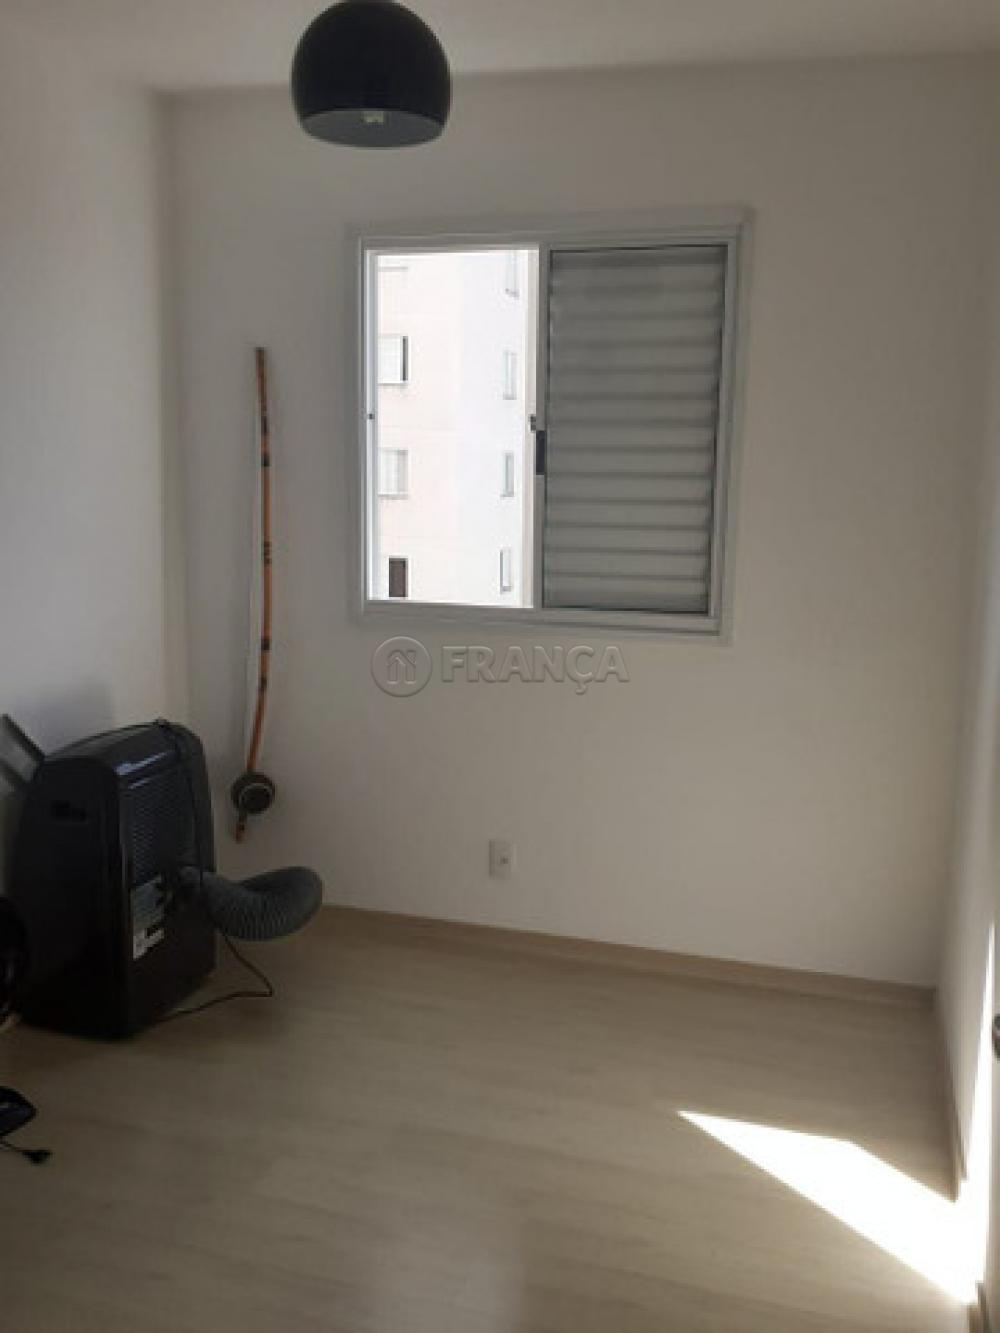 Comprar Apartamento / Padrão em São José dos Campos apenas R$ 225.000,00 - Foto 8